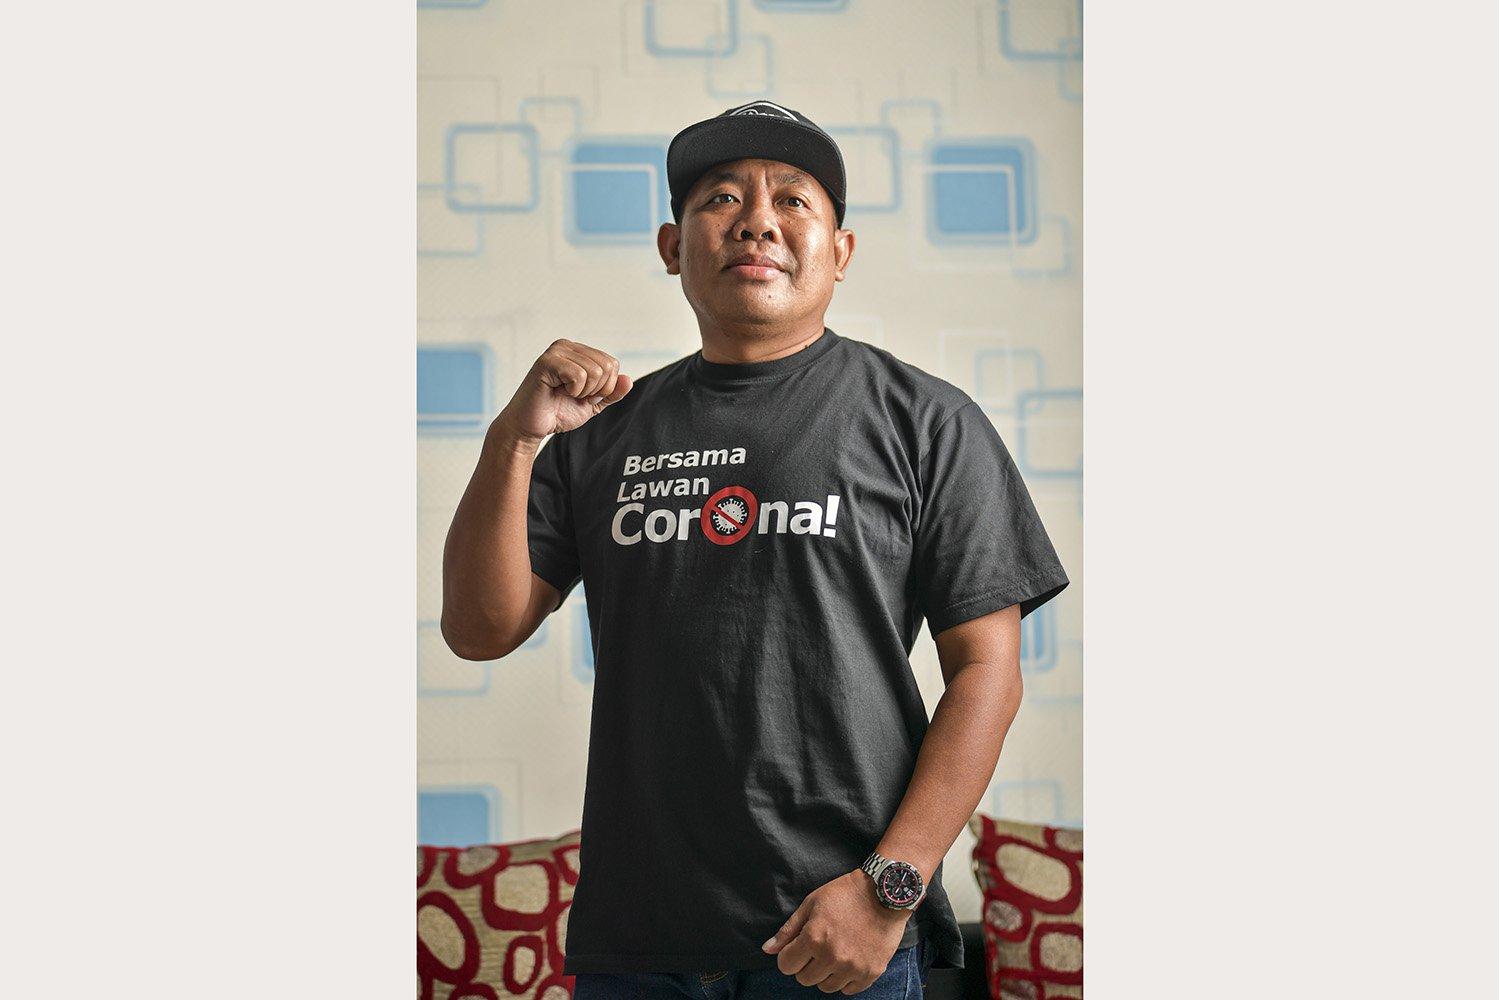 Arif Rahman Hakim (50) berpose di kediamannya di Bekasi, Jawa Barat. Pasien 01 Kota Bekasi tersebut menjalani perawatan di RS Mitra Keluarga, Bekasi Timur, sejak (10/3) hingga (30/3) dan dinyatakan negatif setelah dua kali tes swab.\r\n